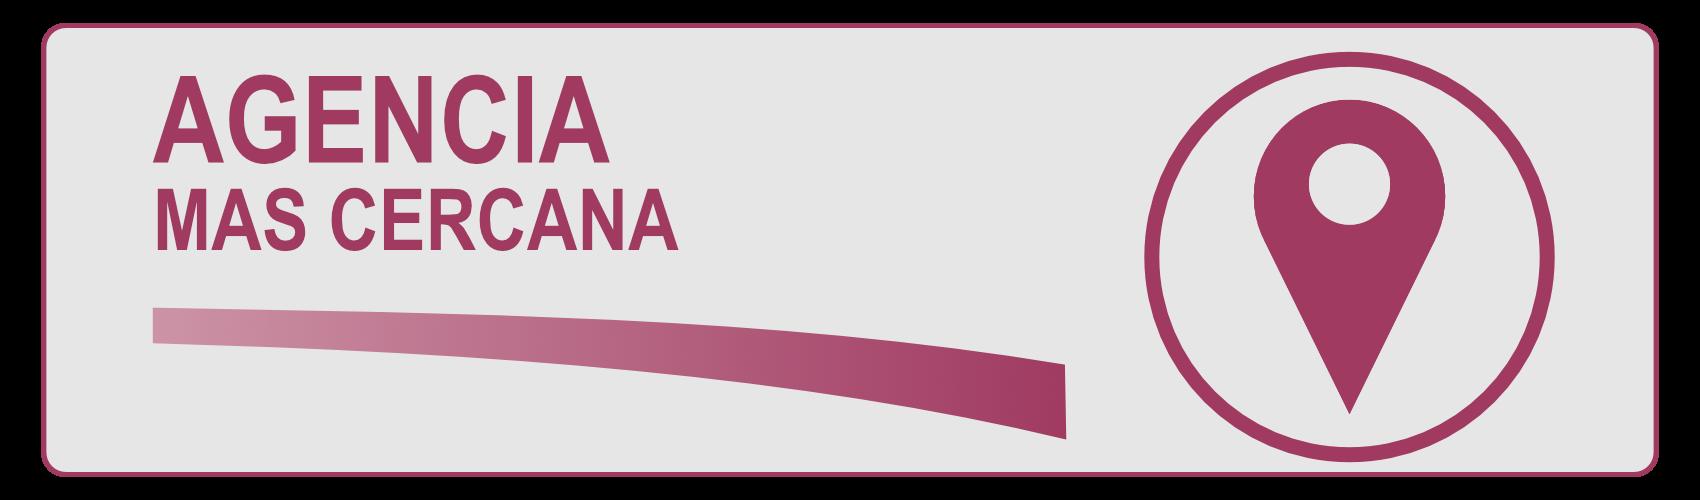 trova_agenzia_spa